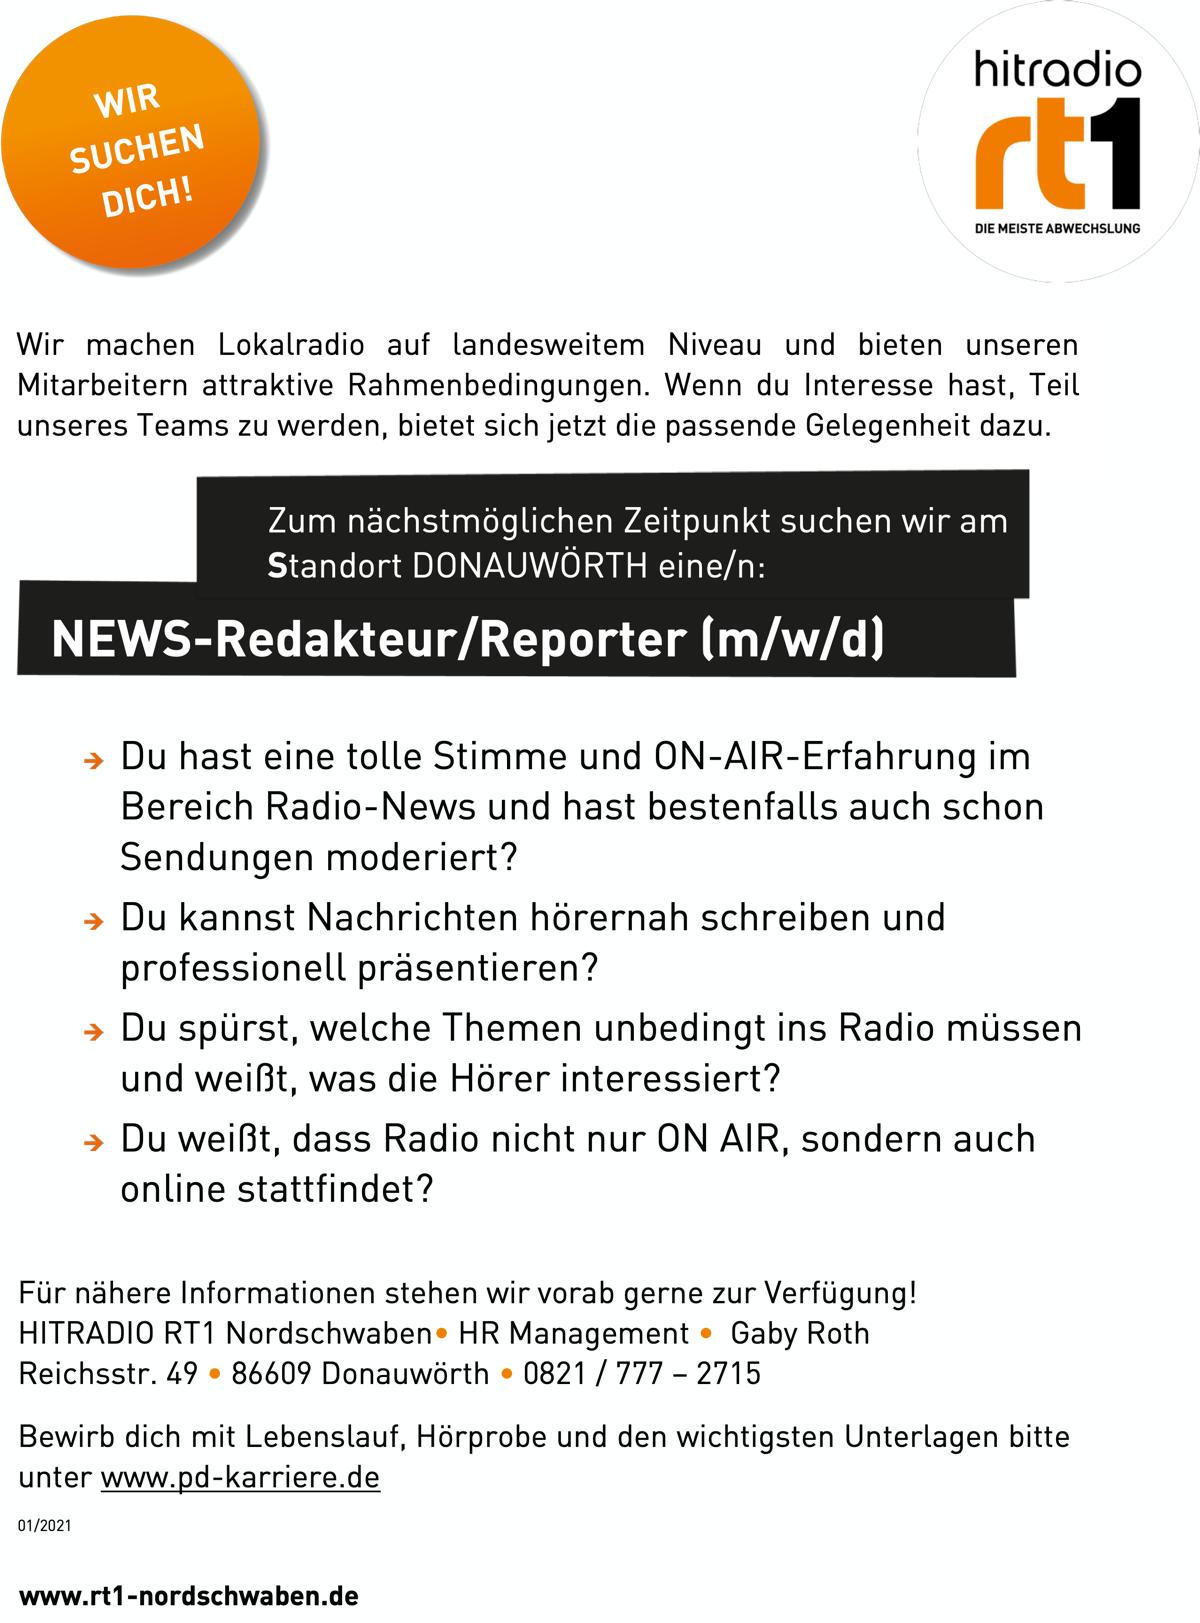 HITRADIO RT1 Nordschwaben sucht NEWS-Redakteur/Reporter (m/w/d)